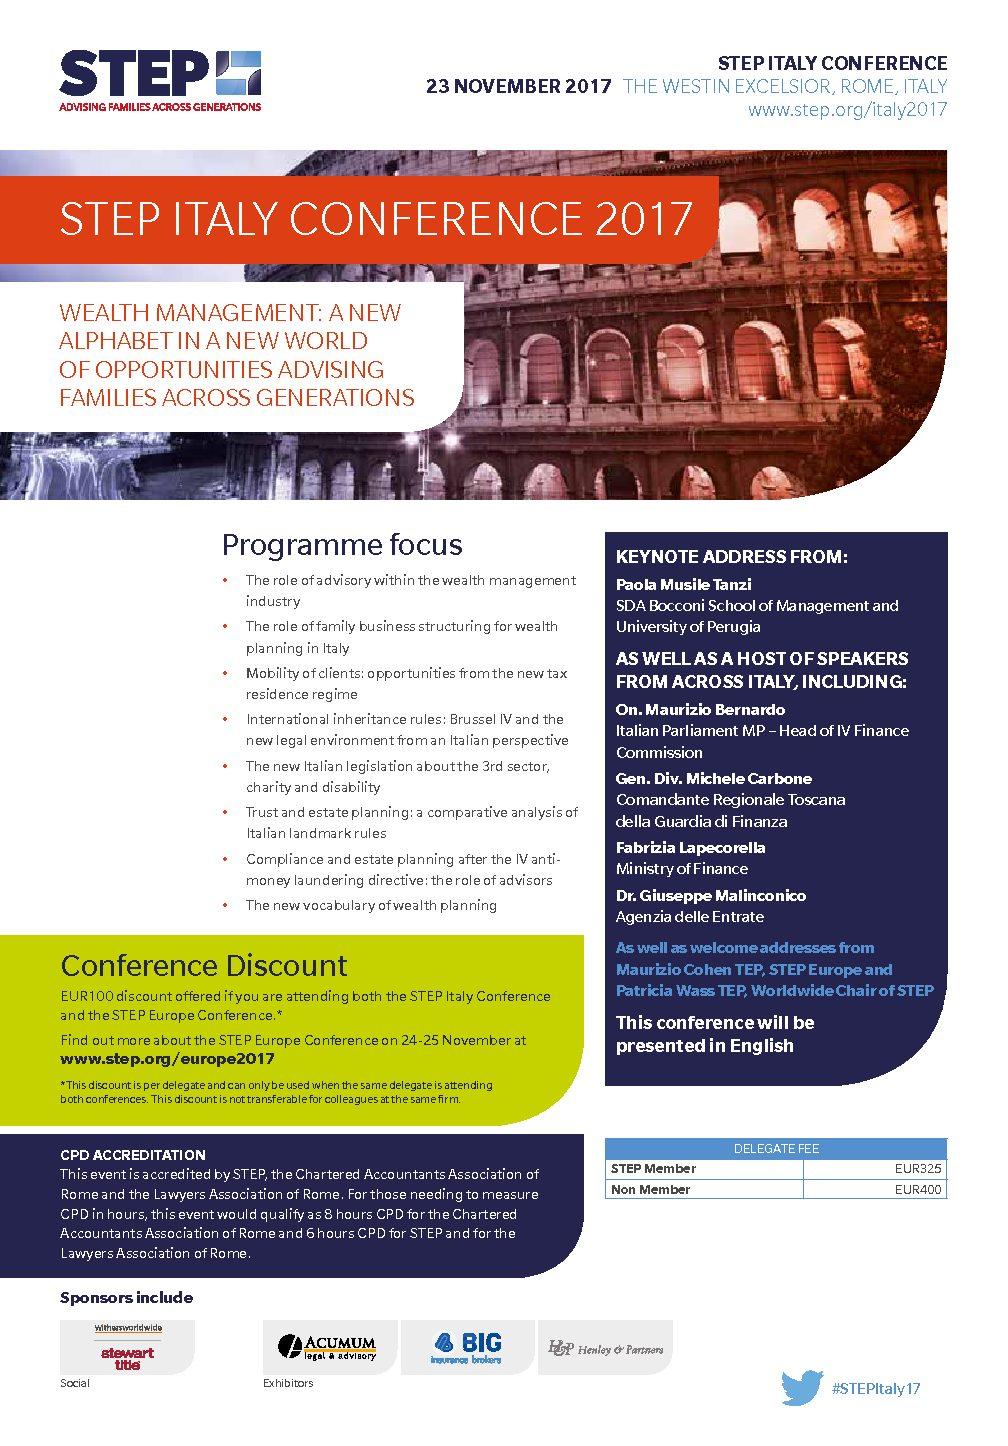 Vi segnaliamo le Conferenze STEP ITALY e STEP EUROPE che si terranno a Roma